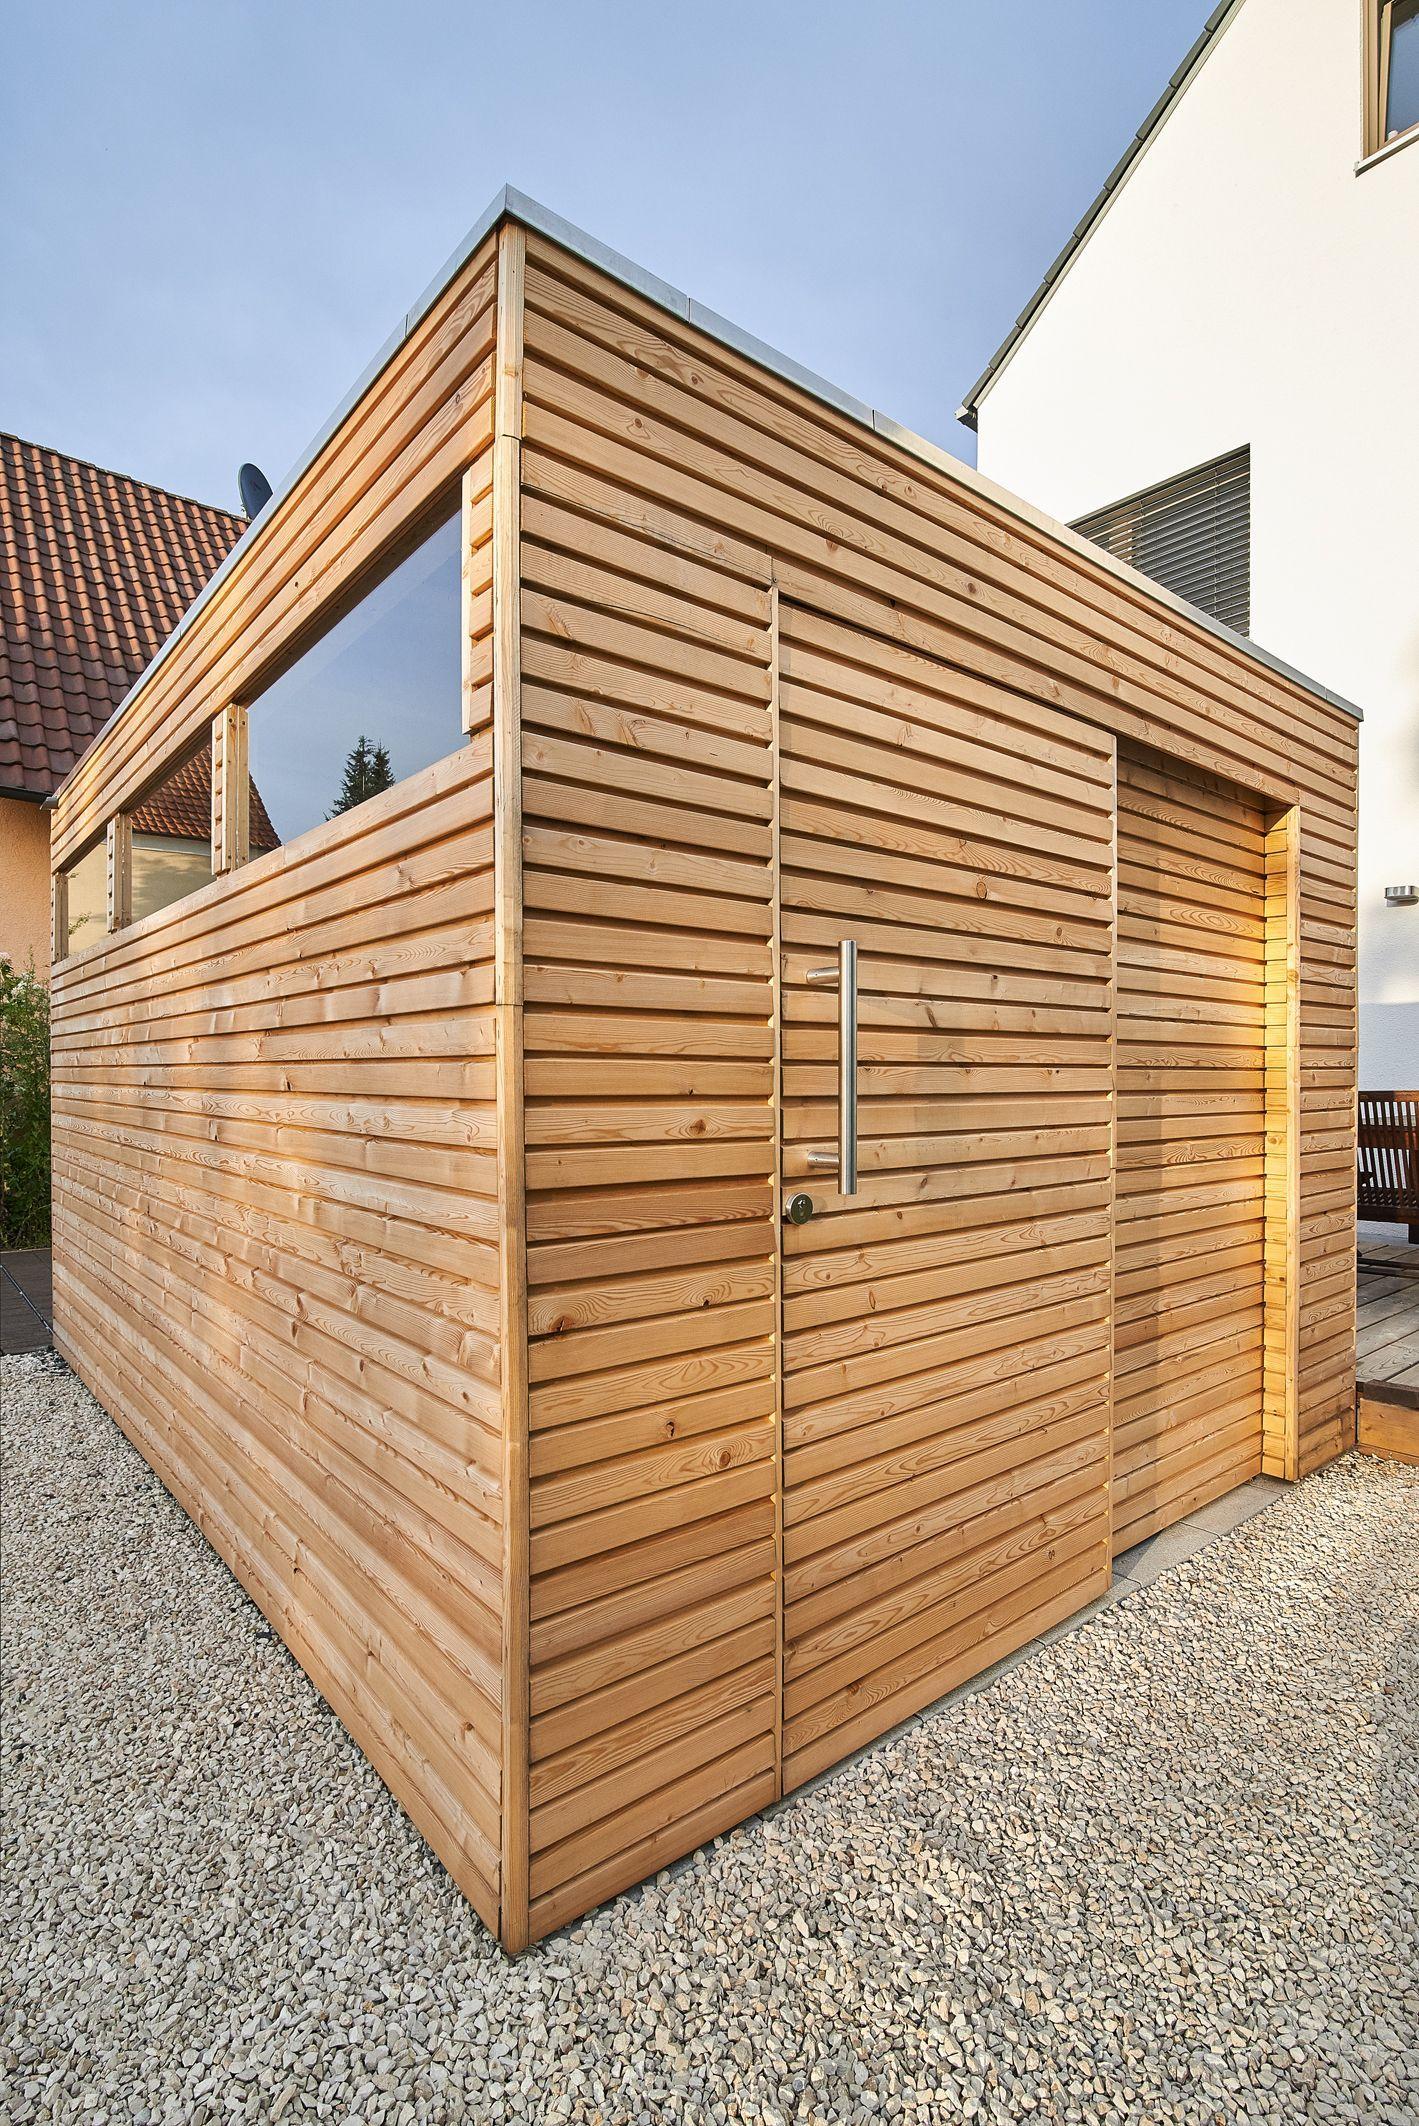 Design Gartenhaus Mit Larchenholz Glasausschnitten Und Schiebetur